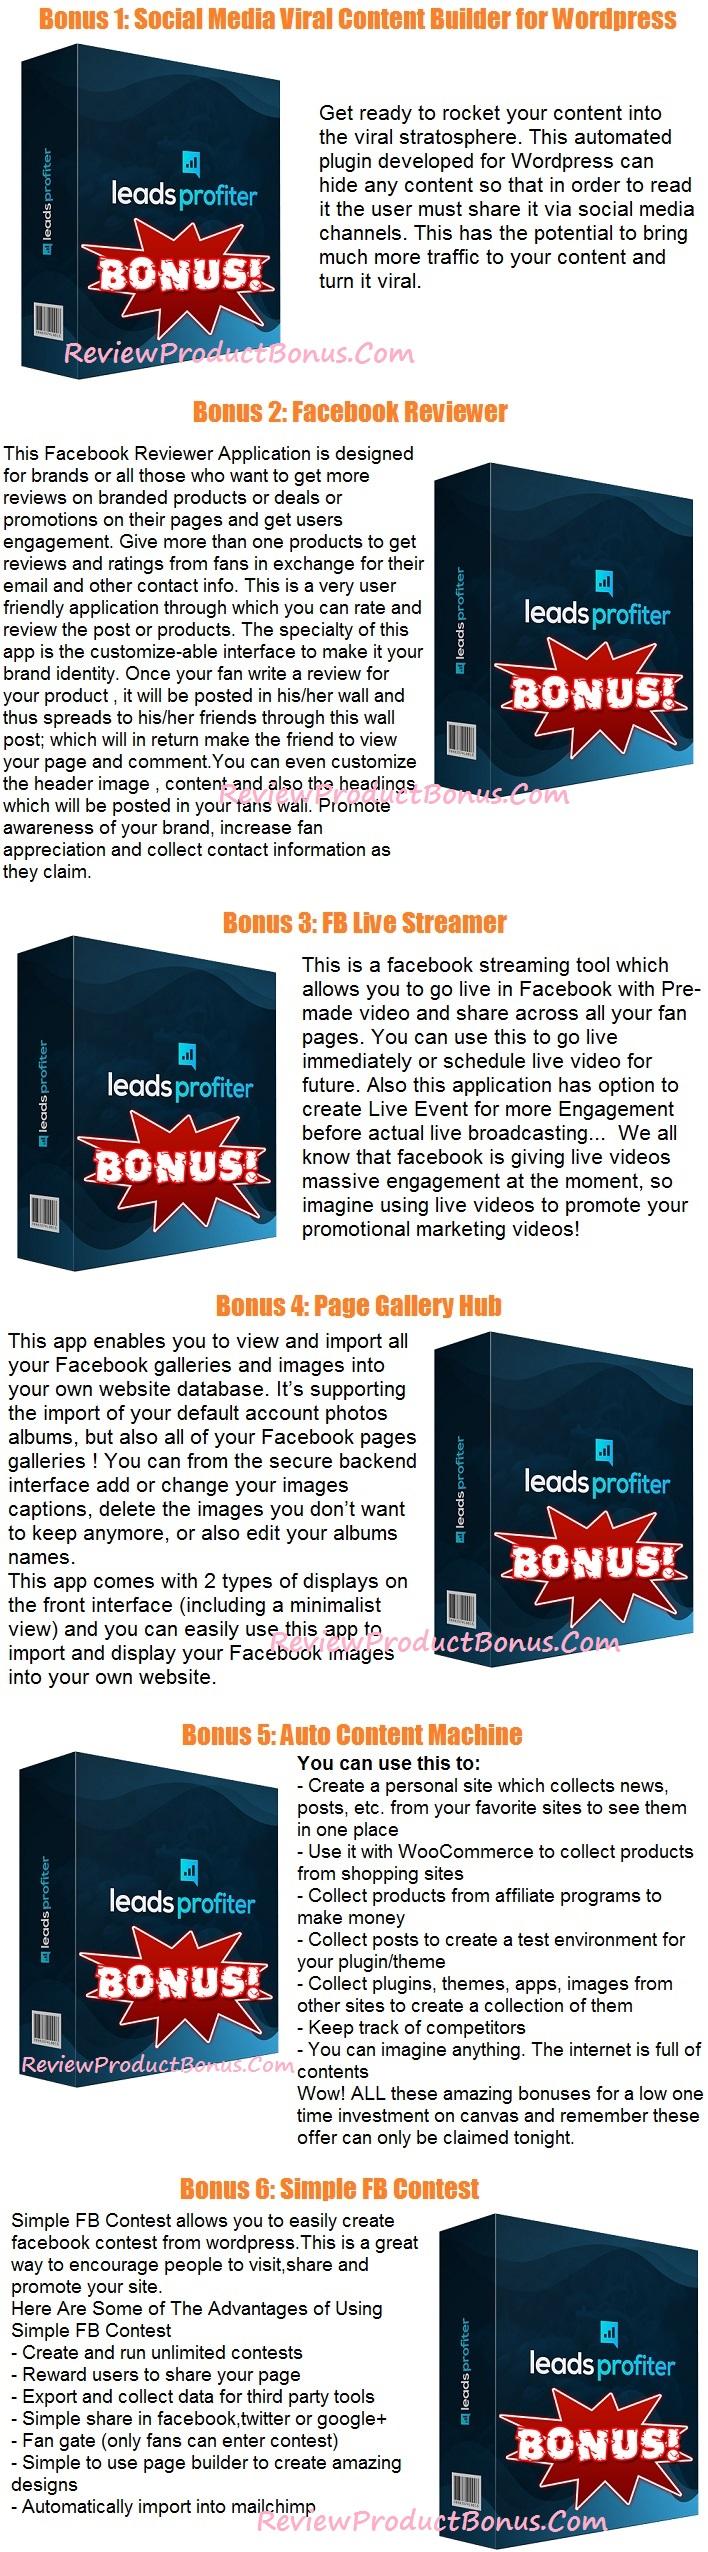 Leads Profiter Bonus 1